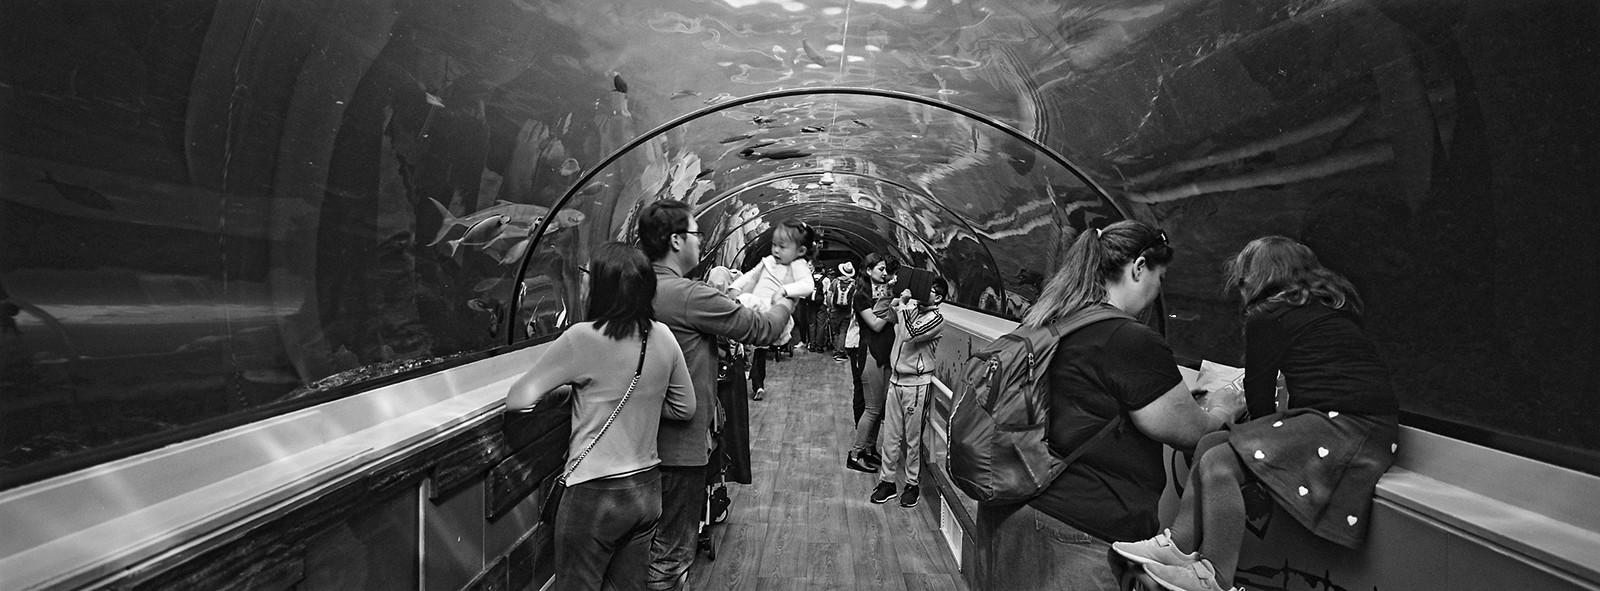 Sydney Aquarium viii